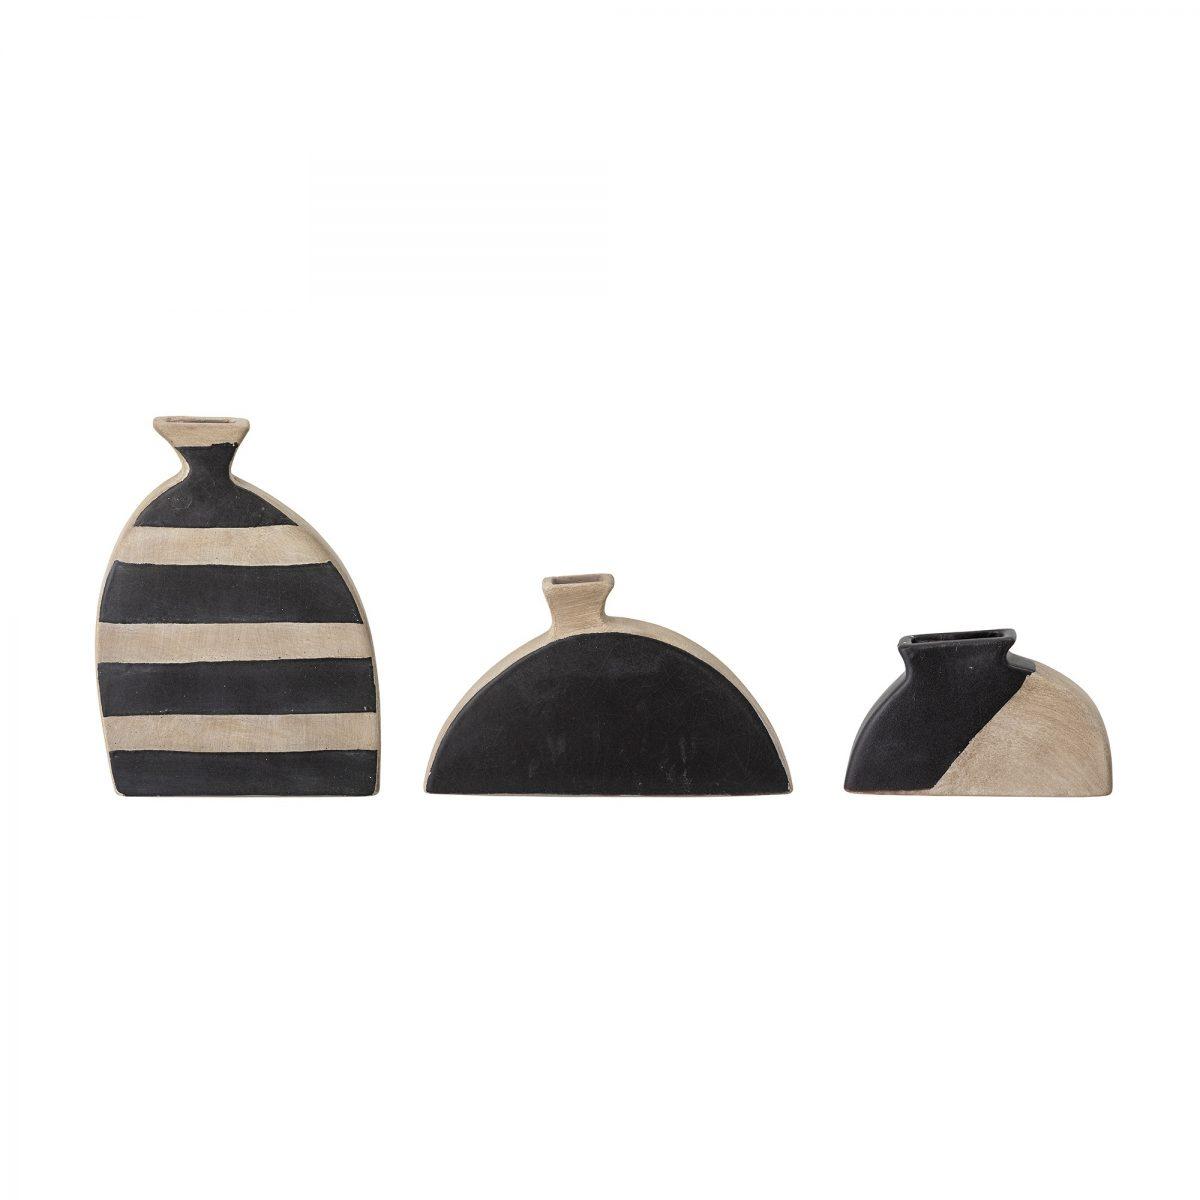 Terracotta vase 1 2